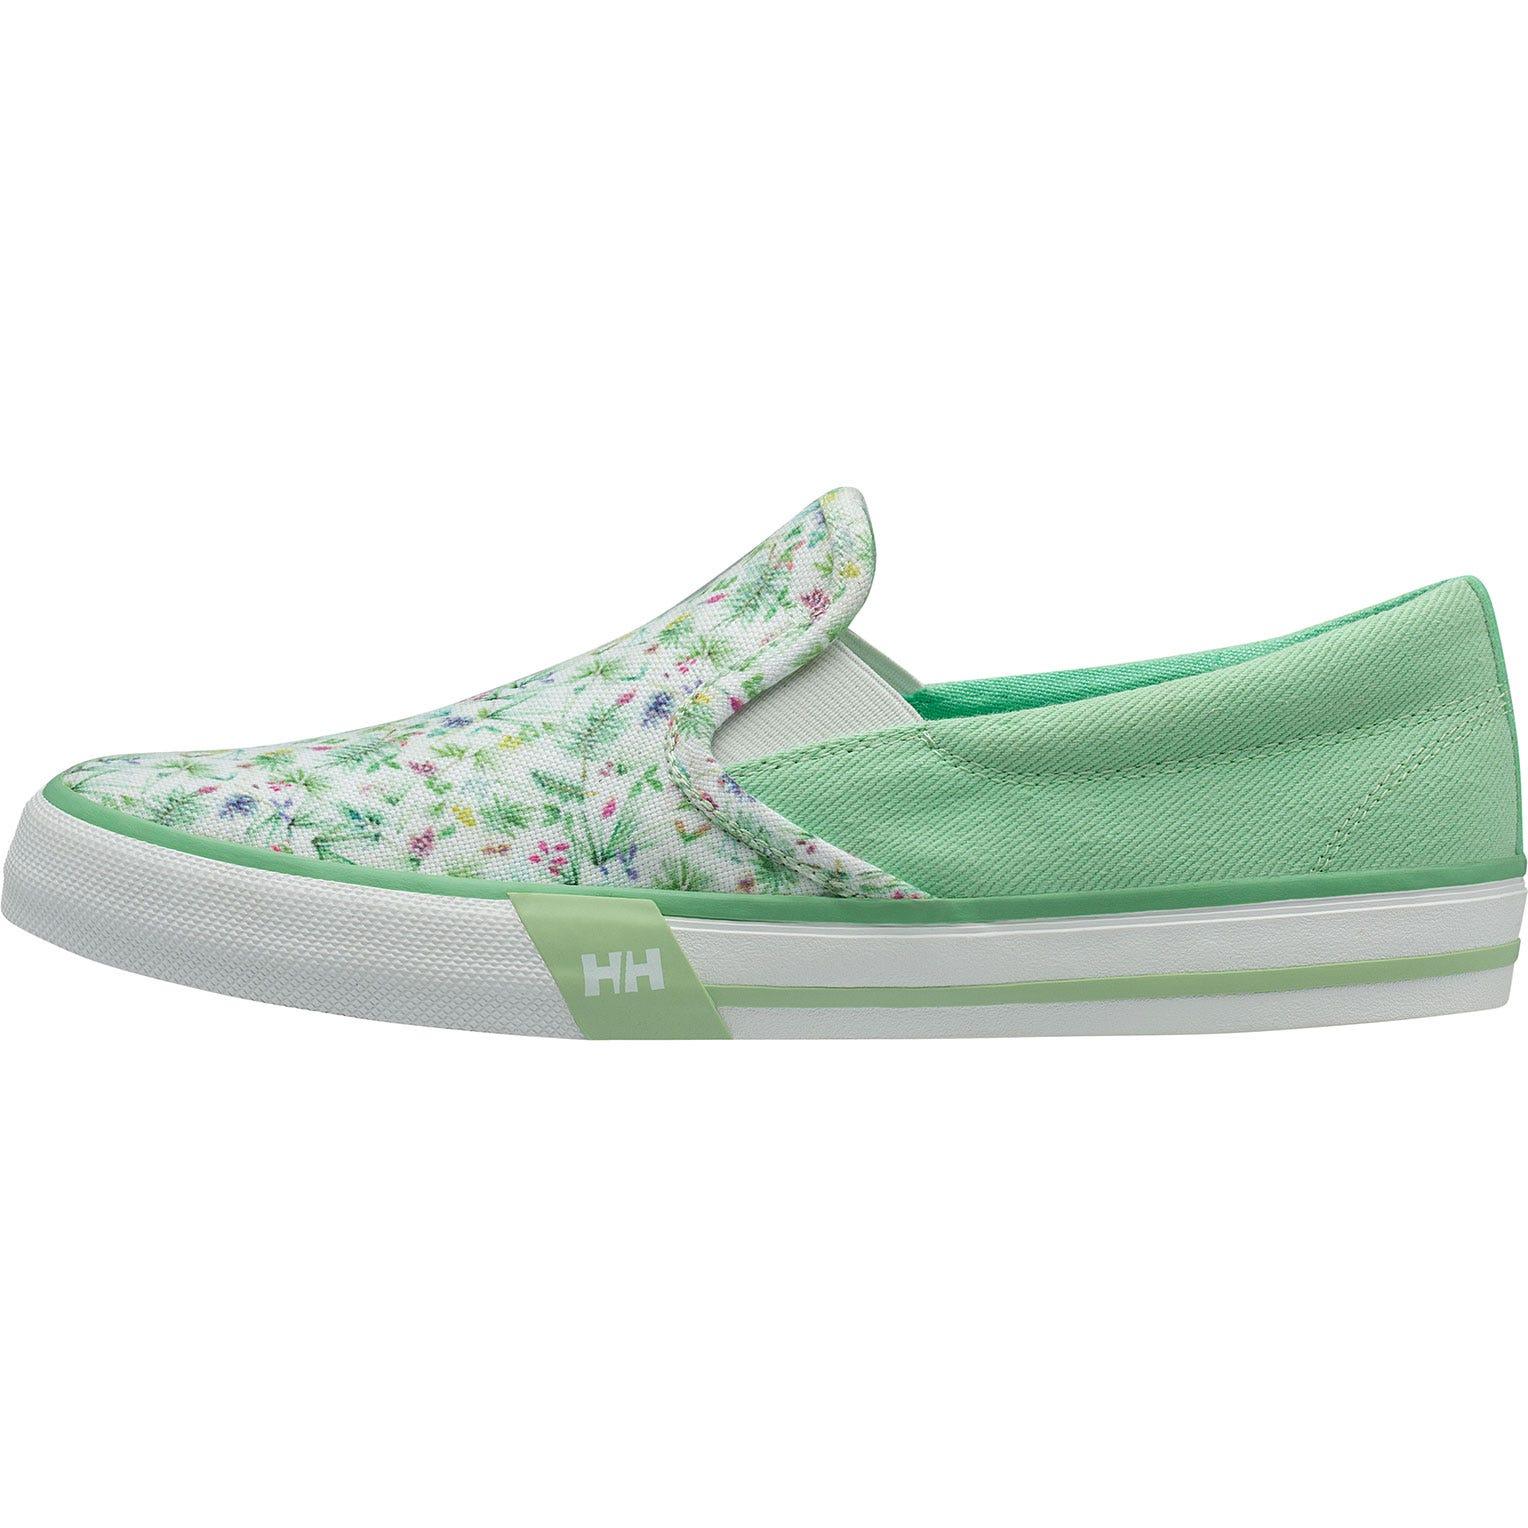 Helly Hansen W Copenhagen Slipon Shoe Womens Casual Green 39.3/8